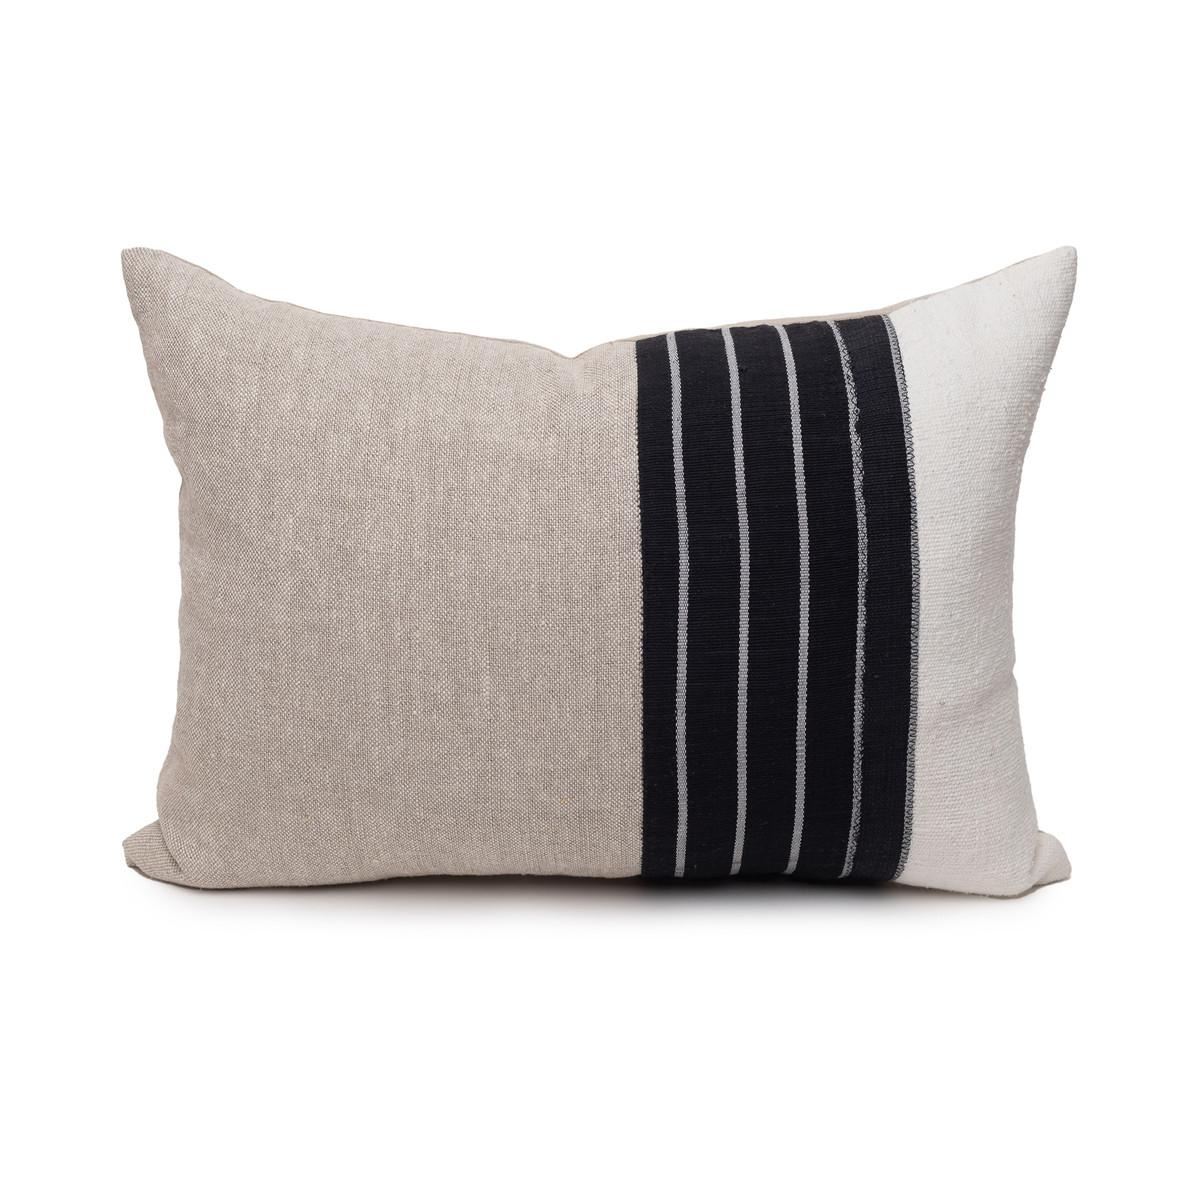 Mojave Natural Linen Noir Aso Oke Luxe Vintage Lumbar Pillow - 16 x 22 - Front